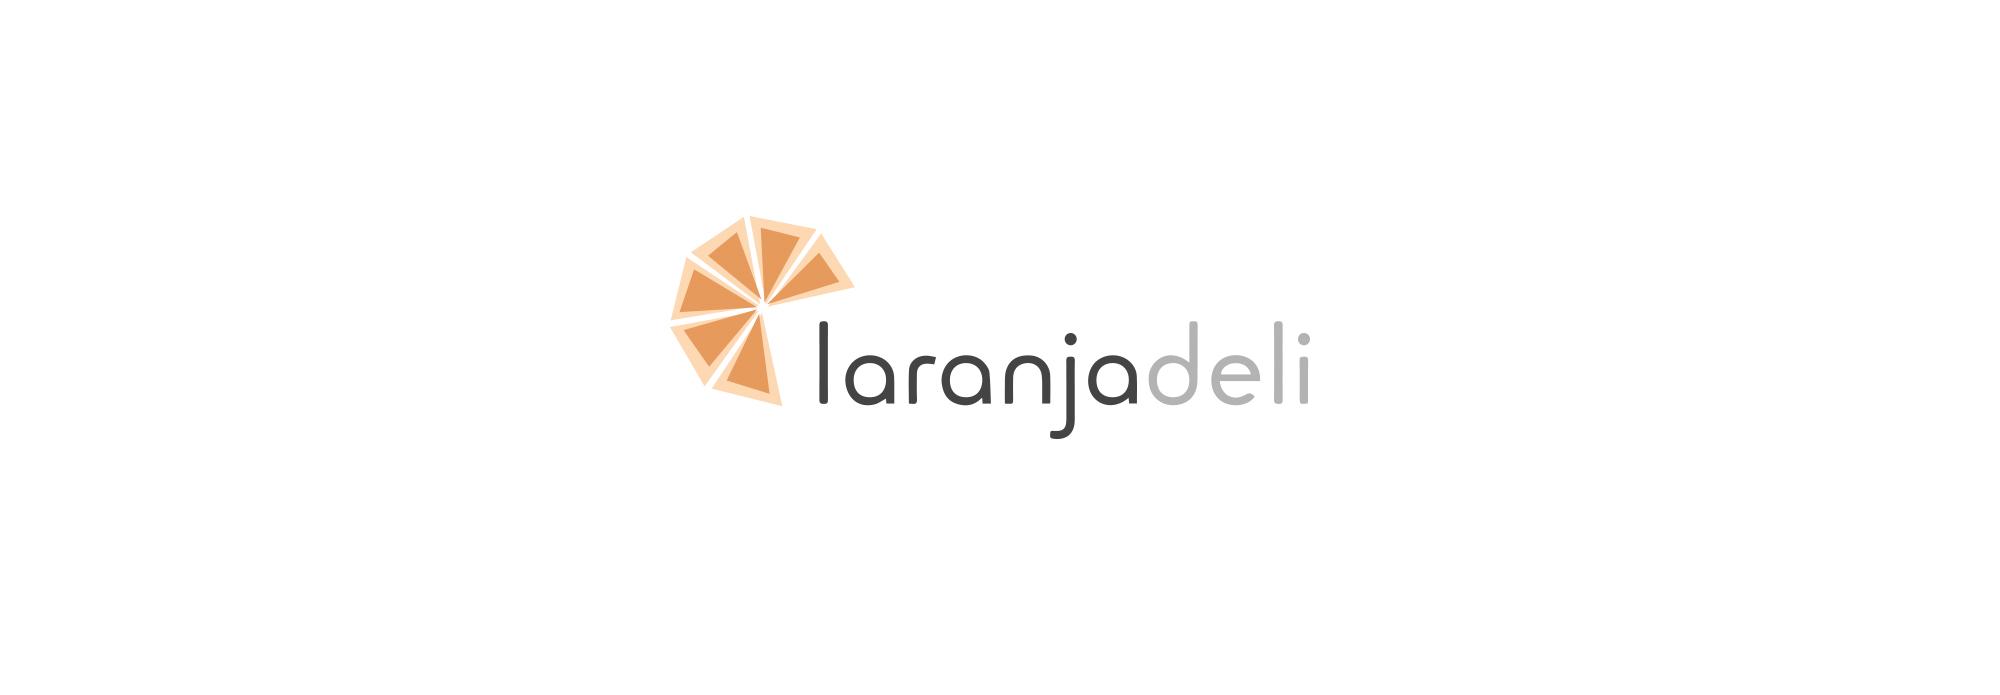 daniel-zito-laranjadeli-logo.jpg